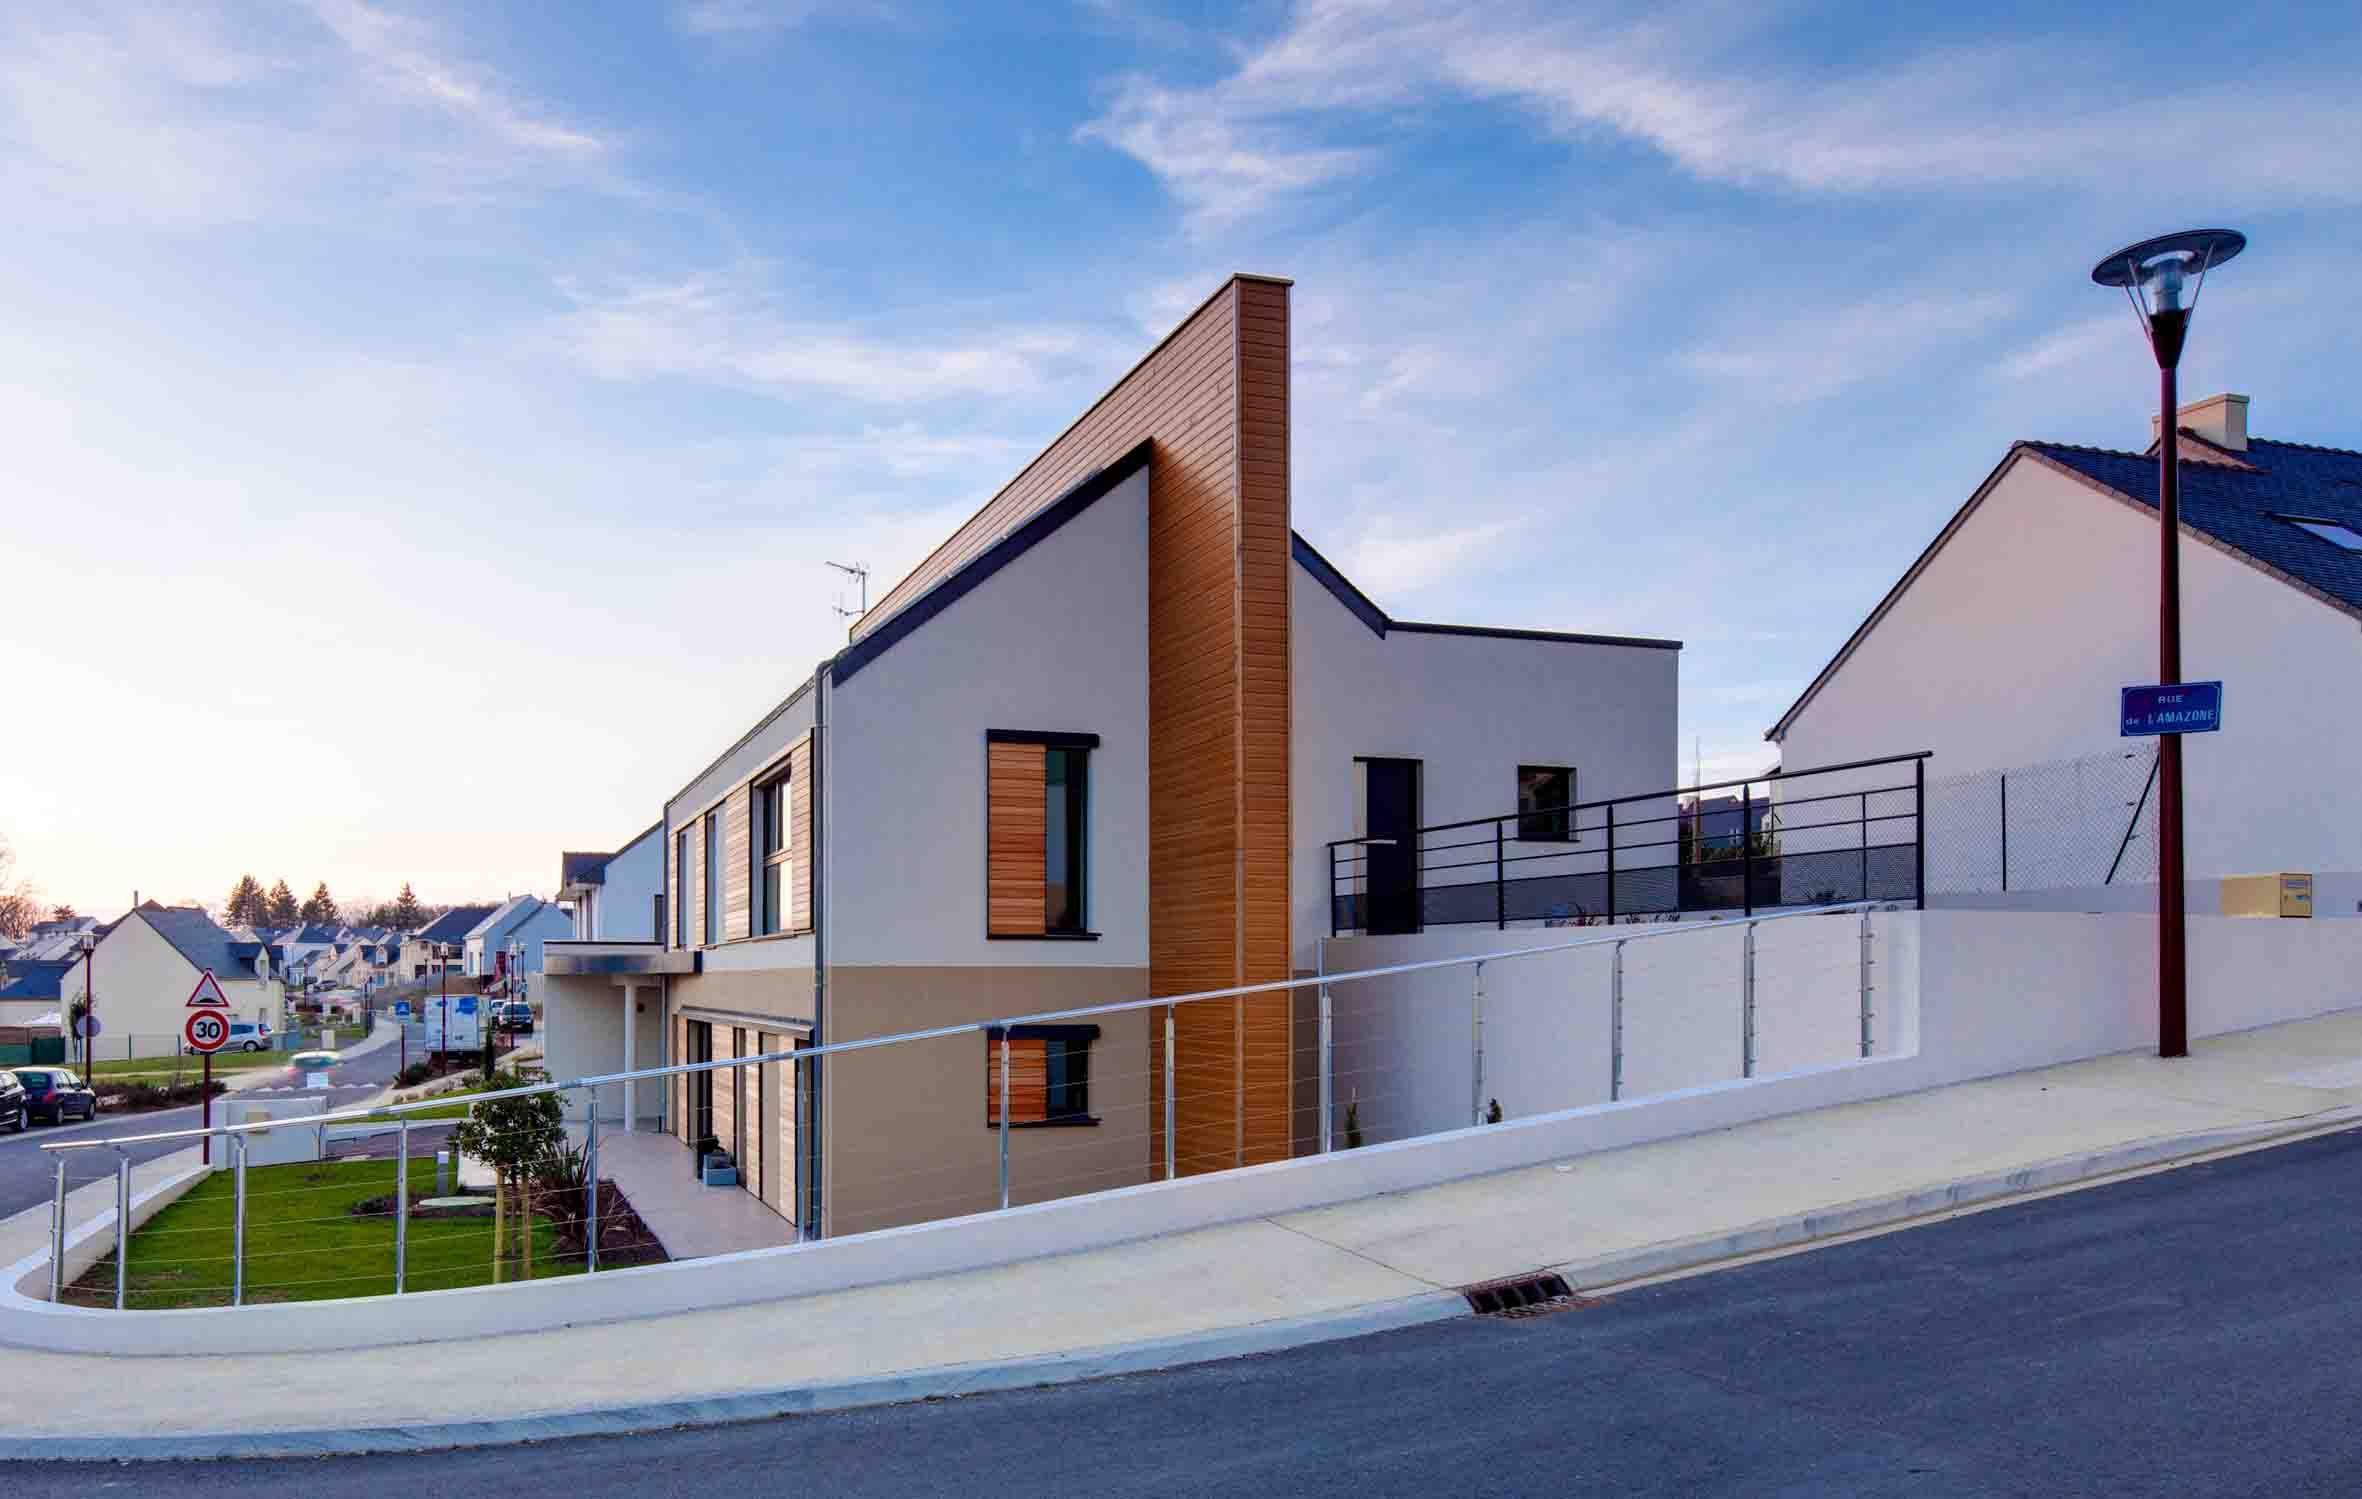 Maison passive à carquefou en loire atlantique par alliance construction